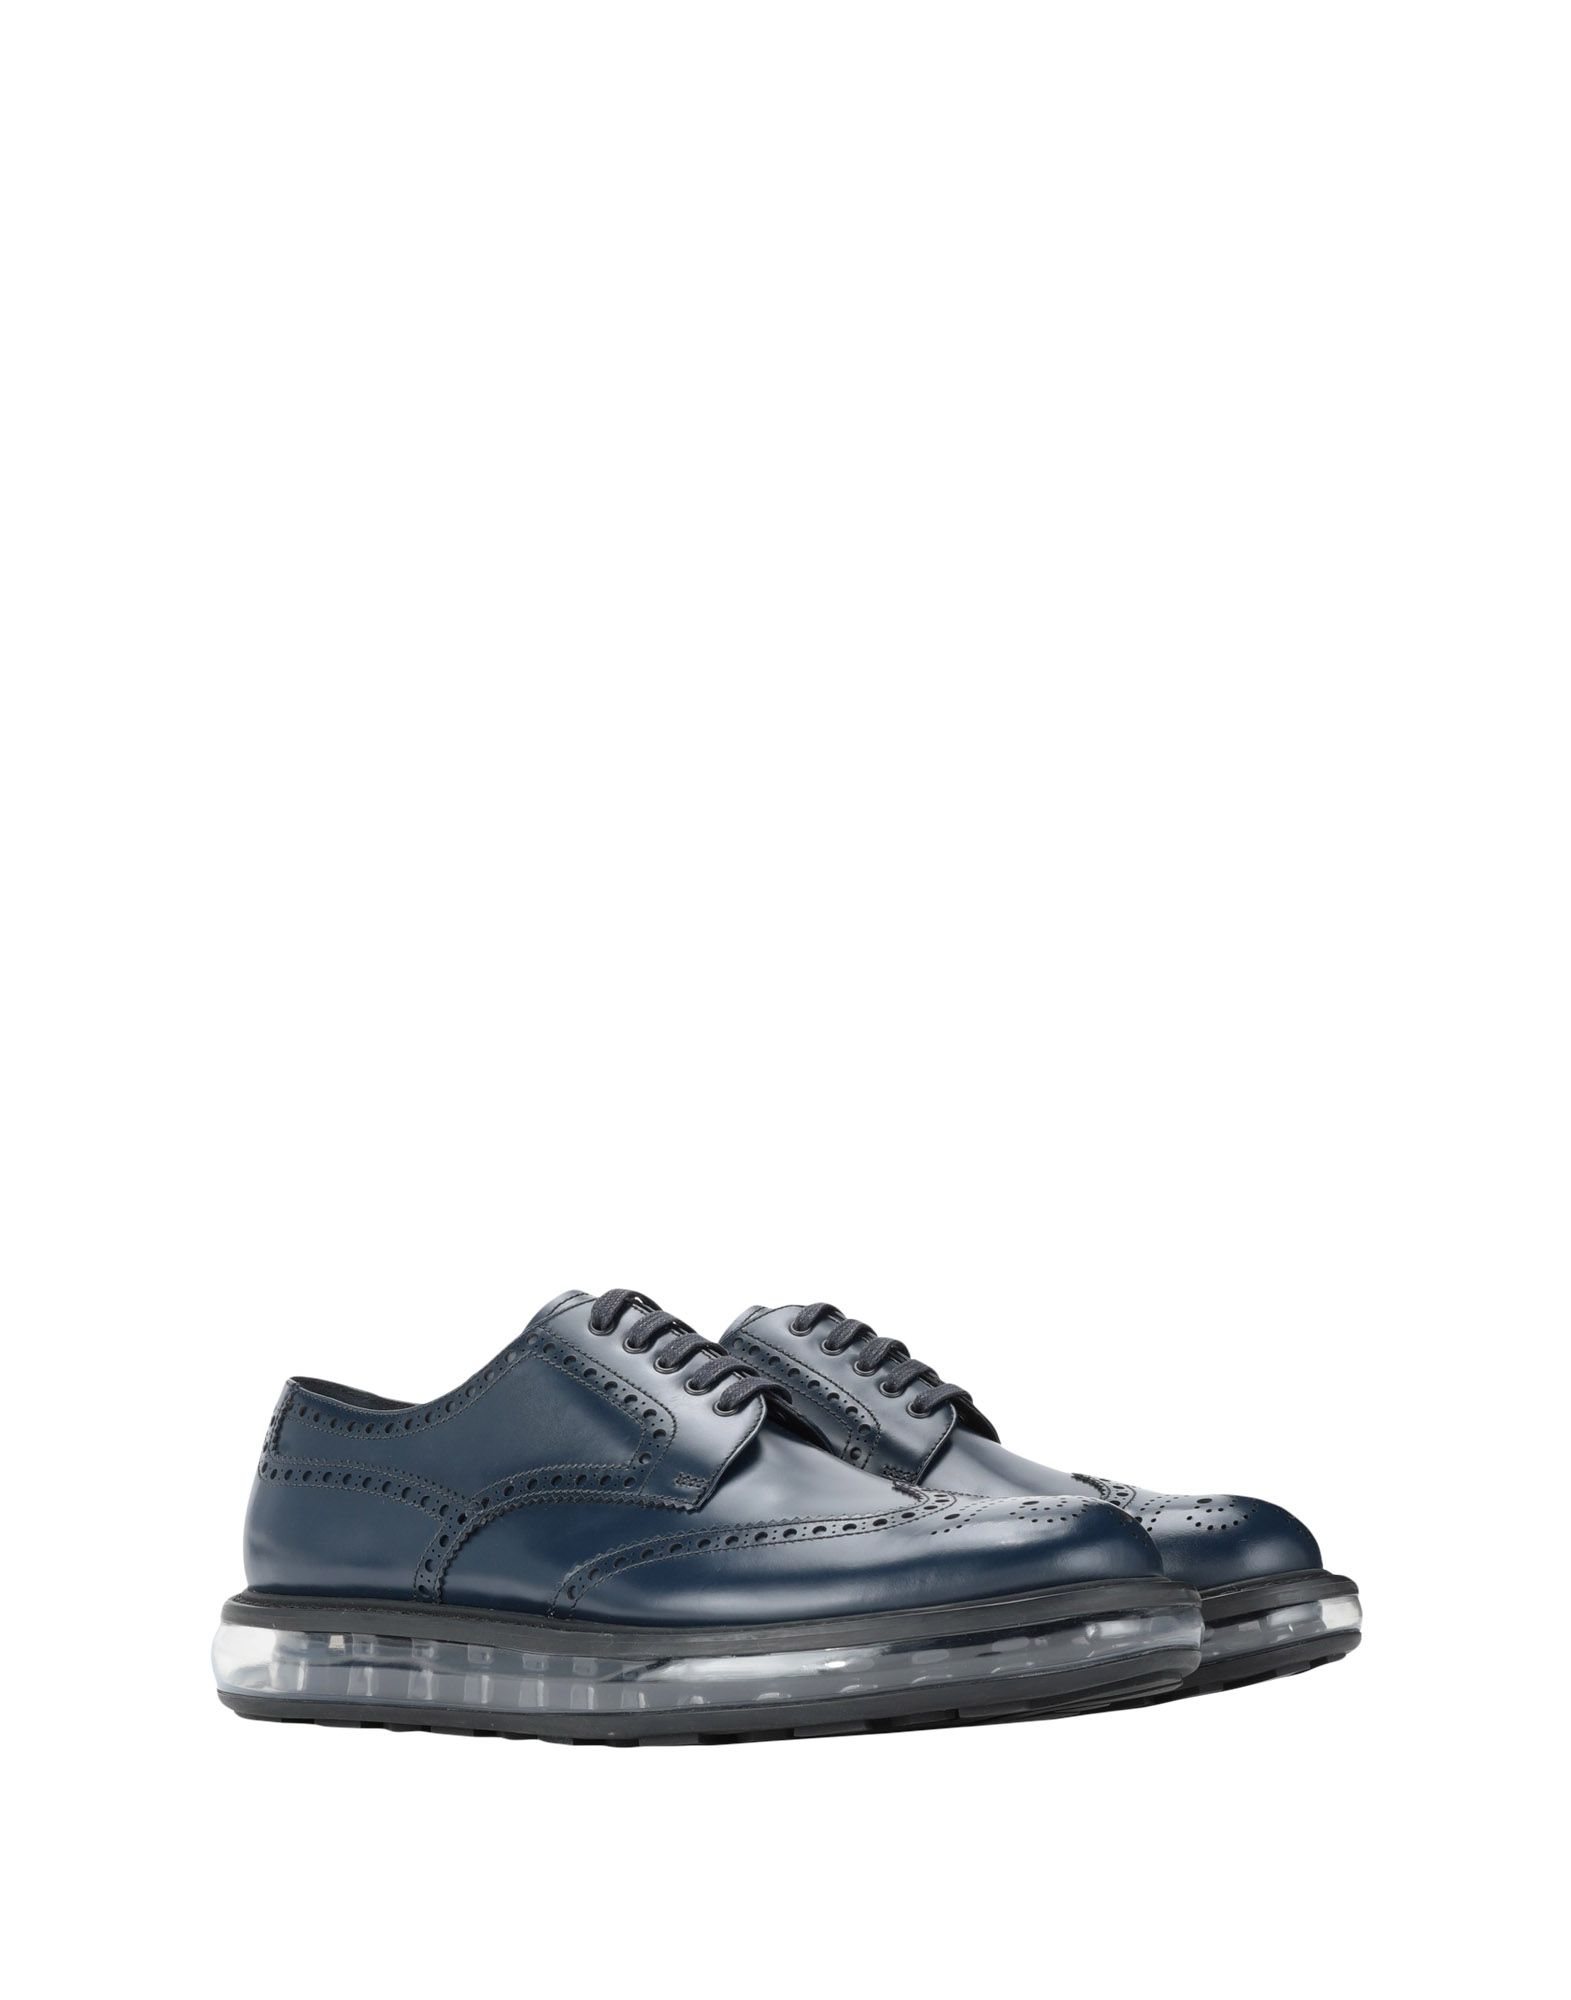 Prada Schnürschuhe Herren  beliebte 11465060VT Gute Qualität beliebte  Schuhe 34293f